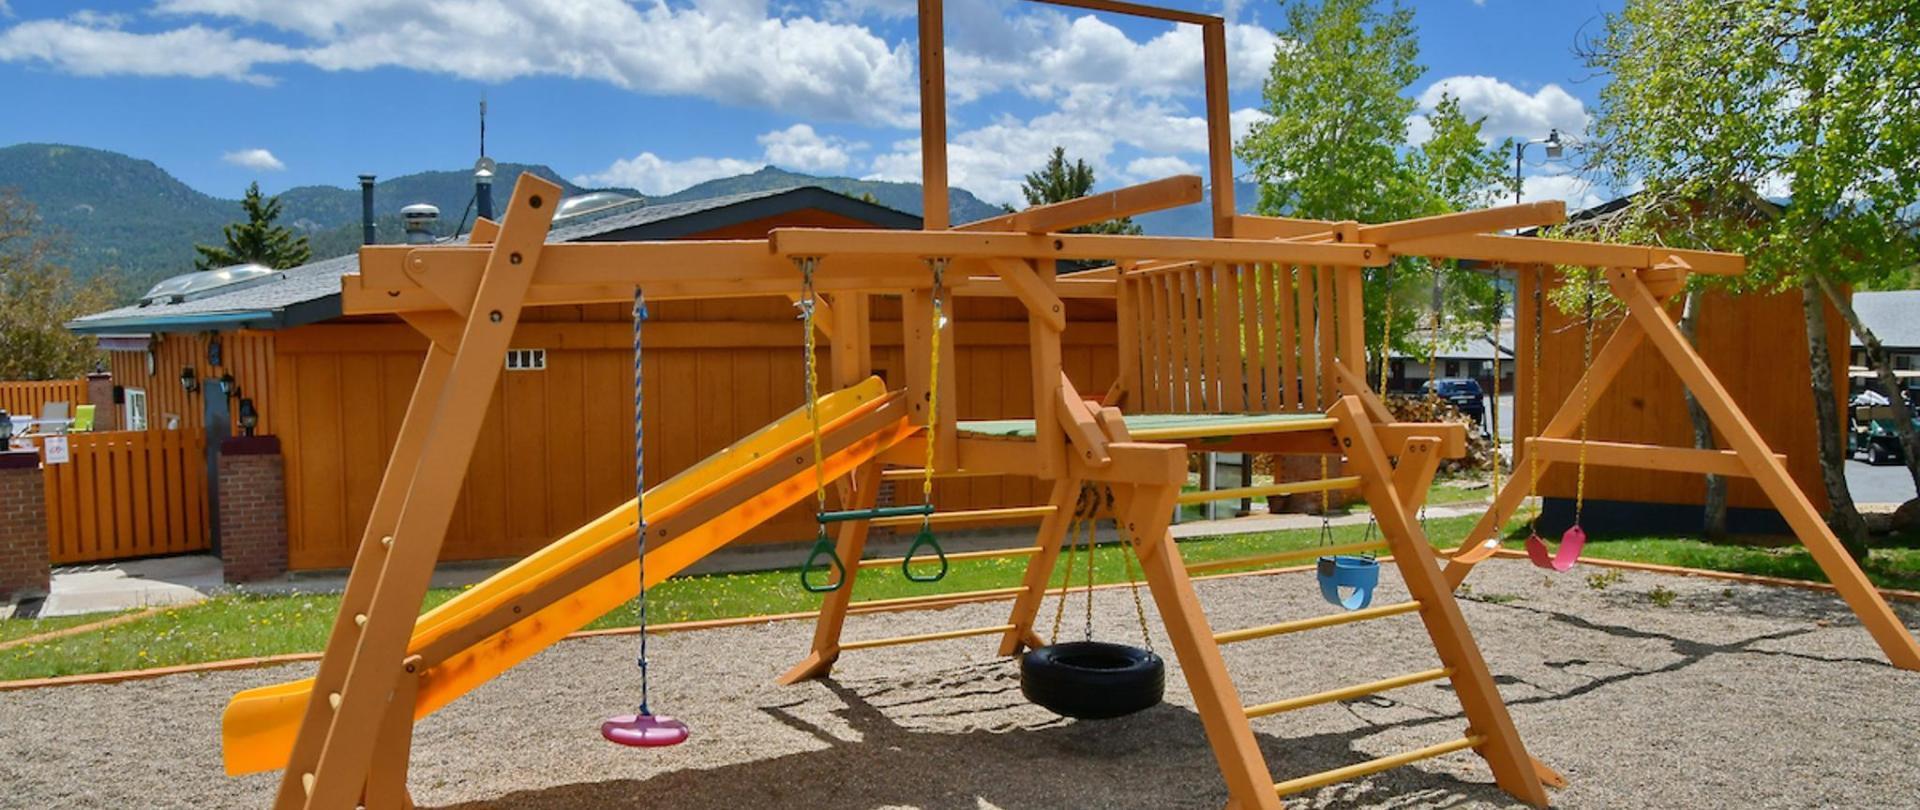 Murphy Resort playground (2).jpg